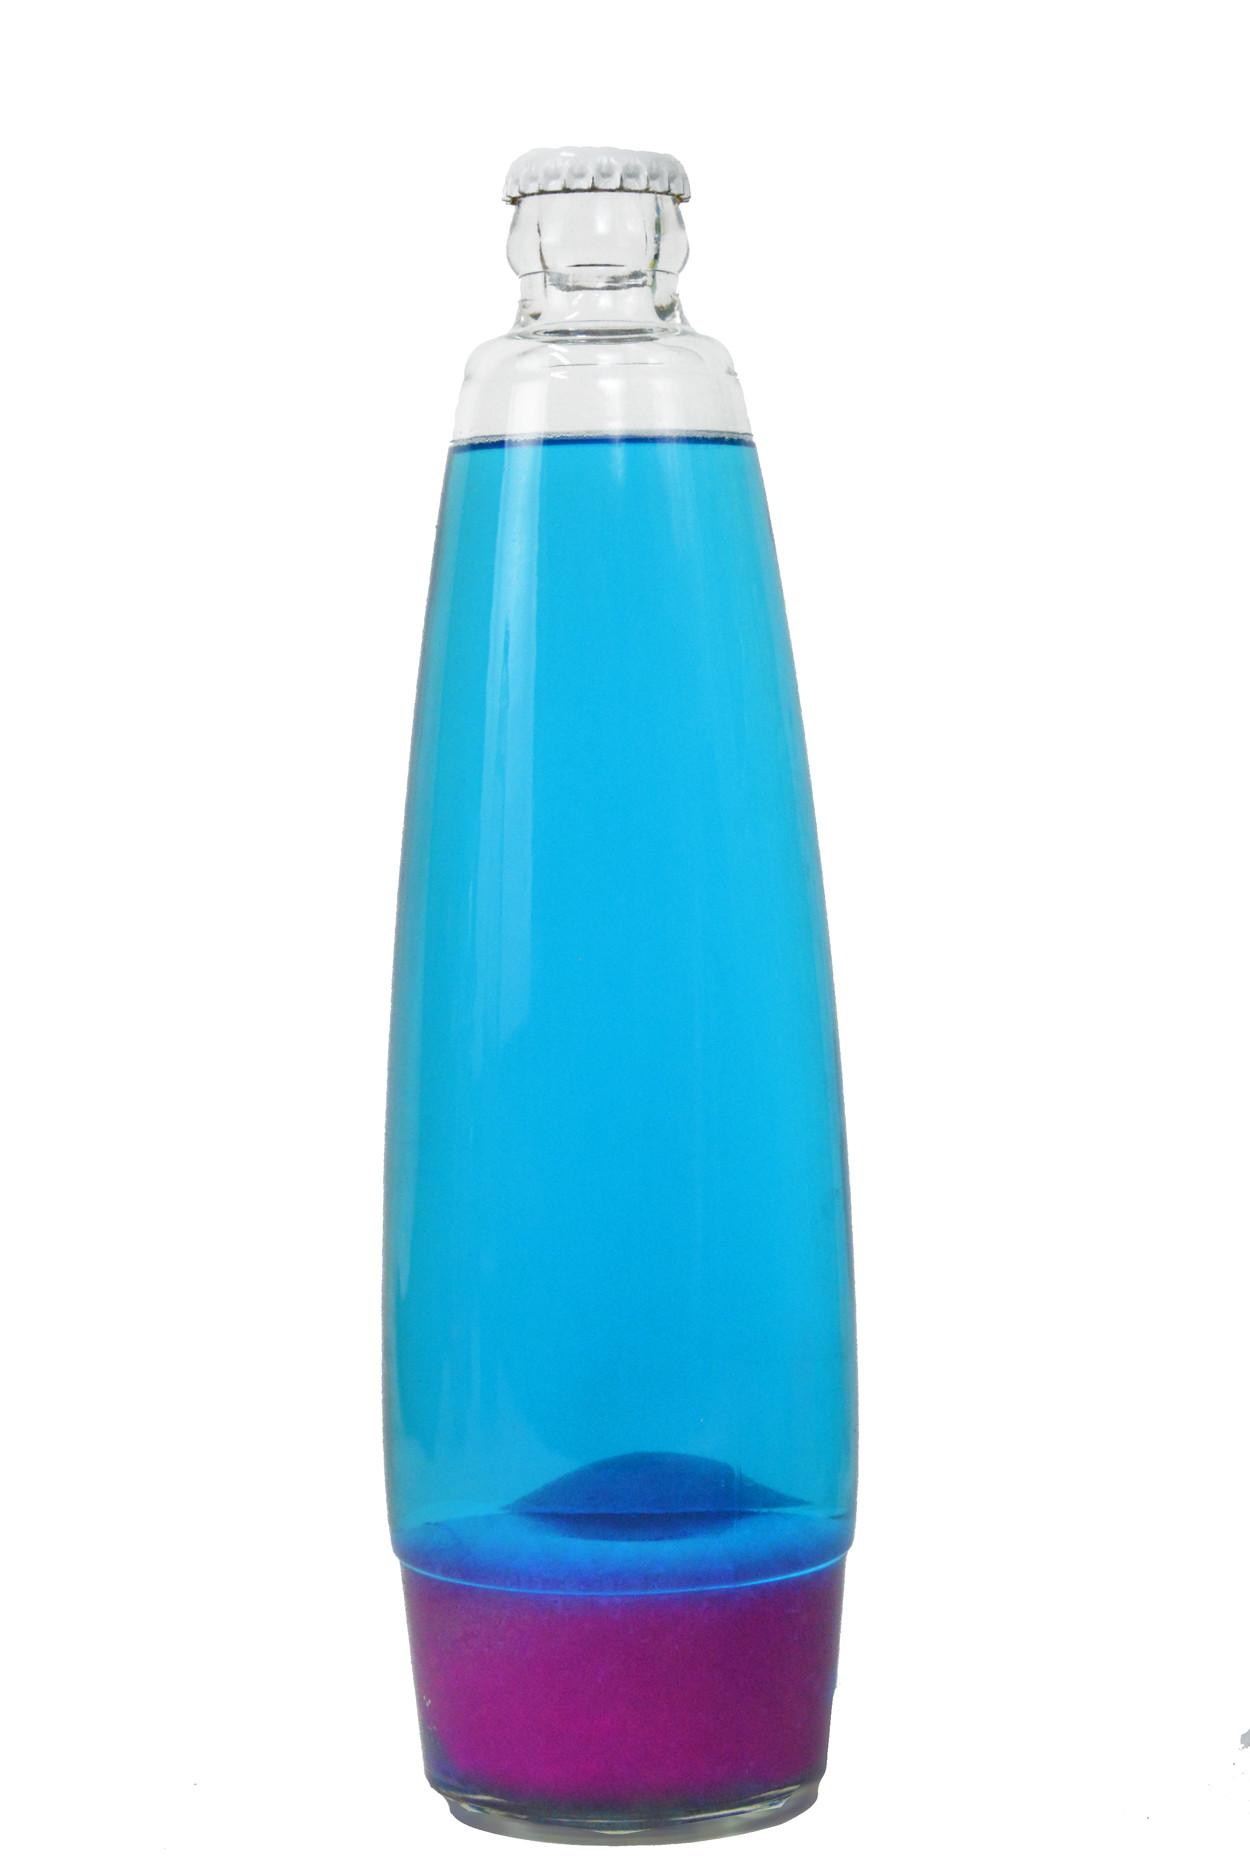 Колба для лава лампы 41 см Розовая/Синяя (25*6,5)